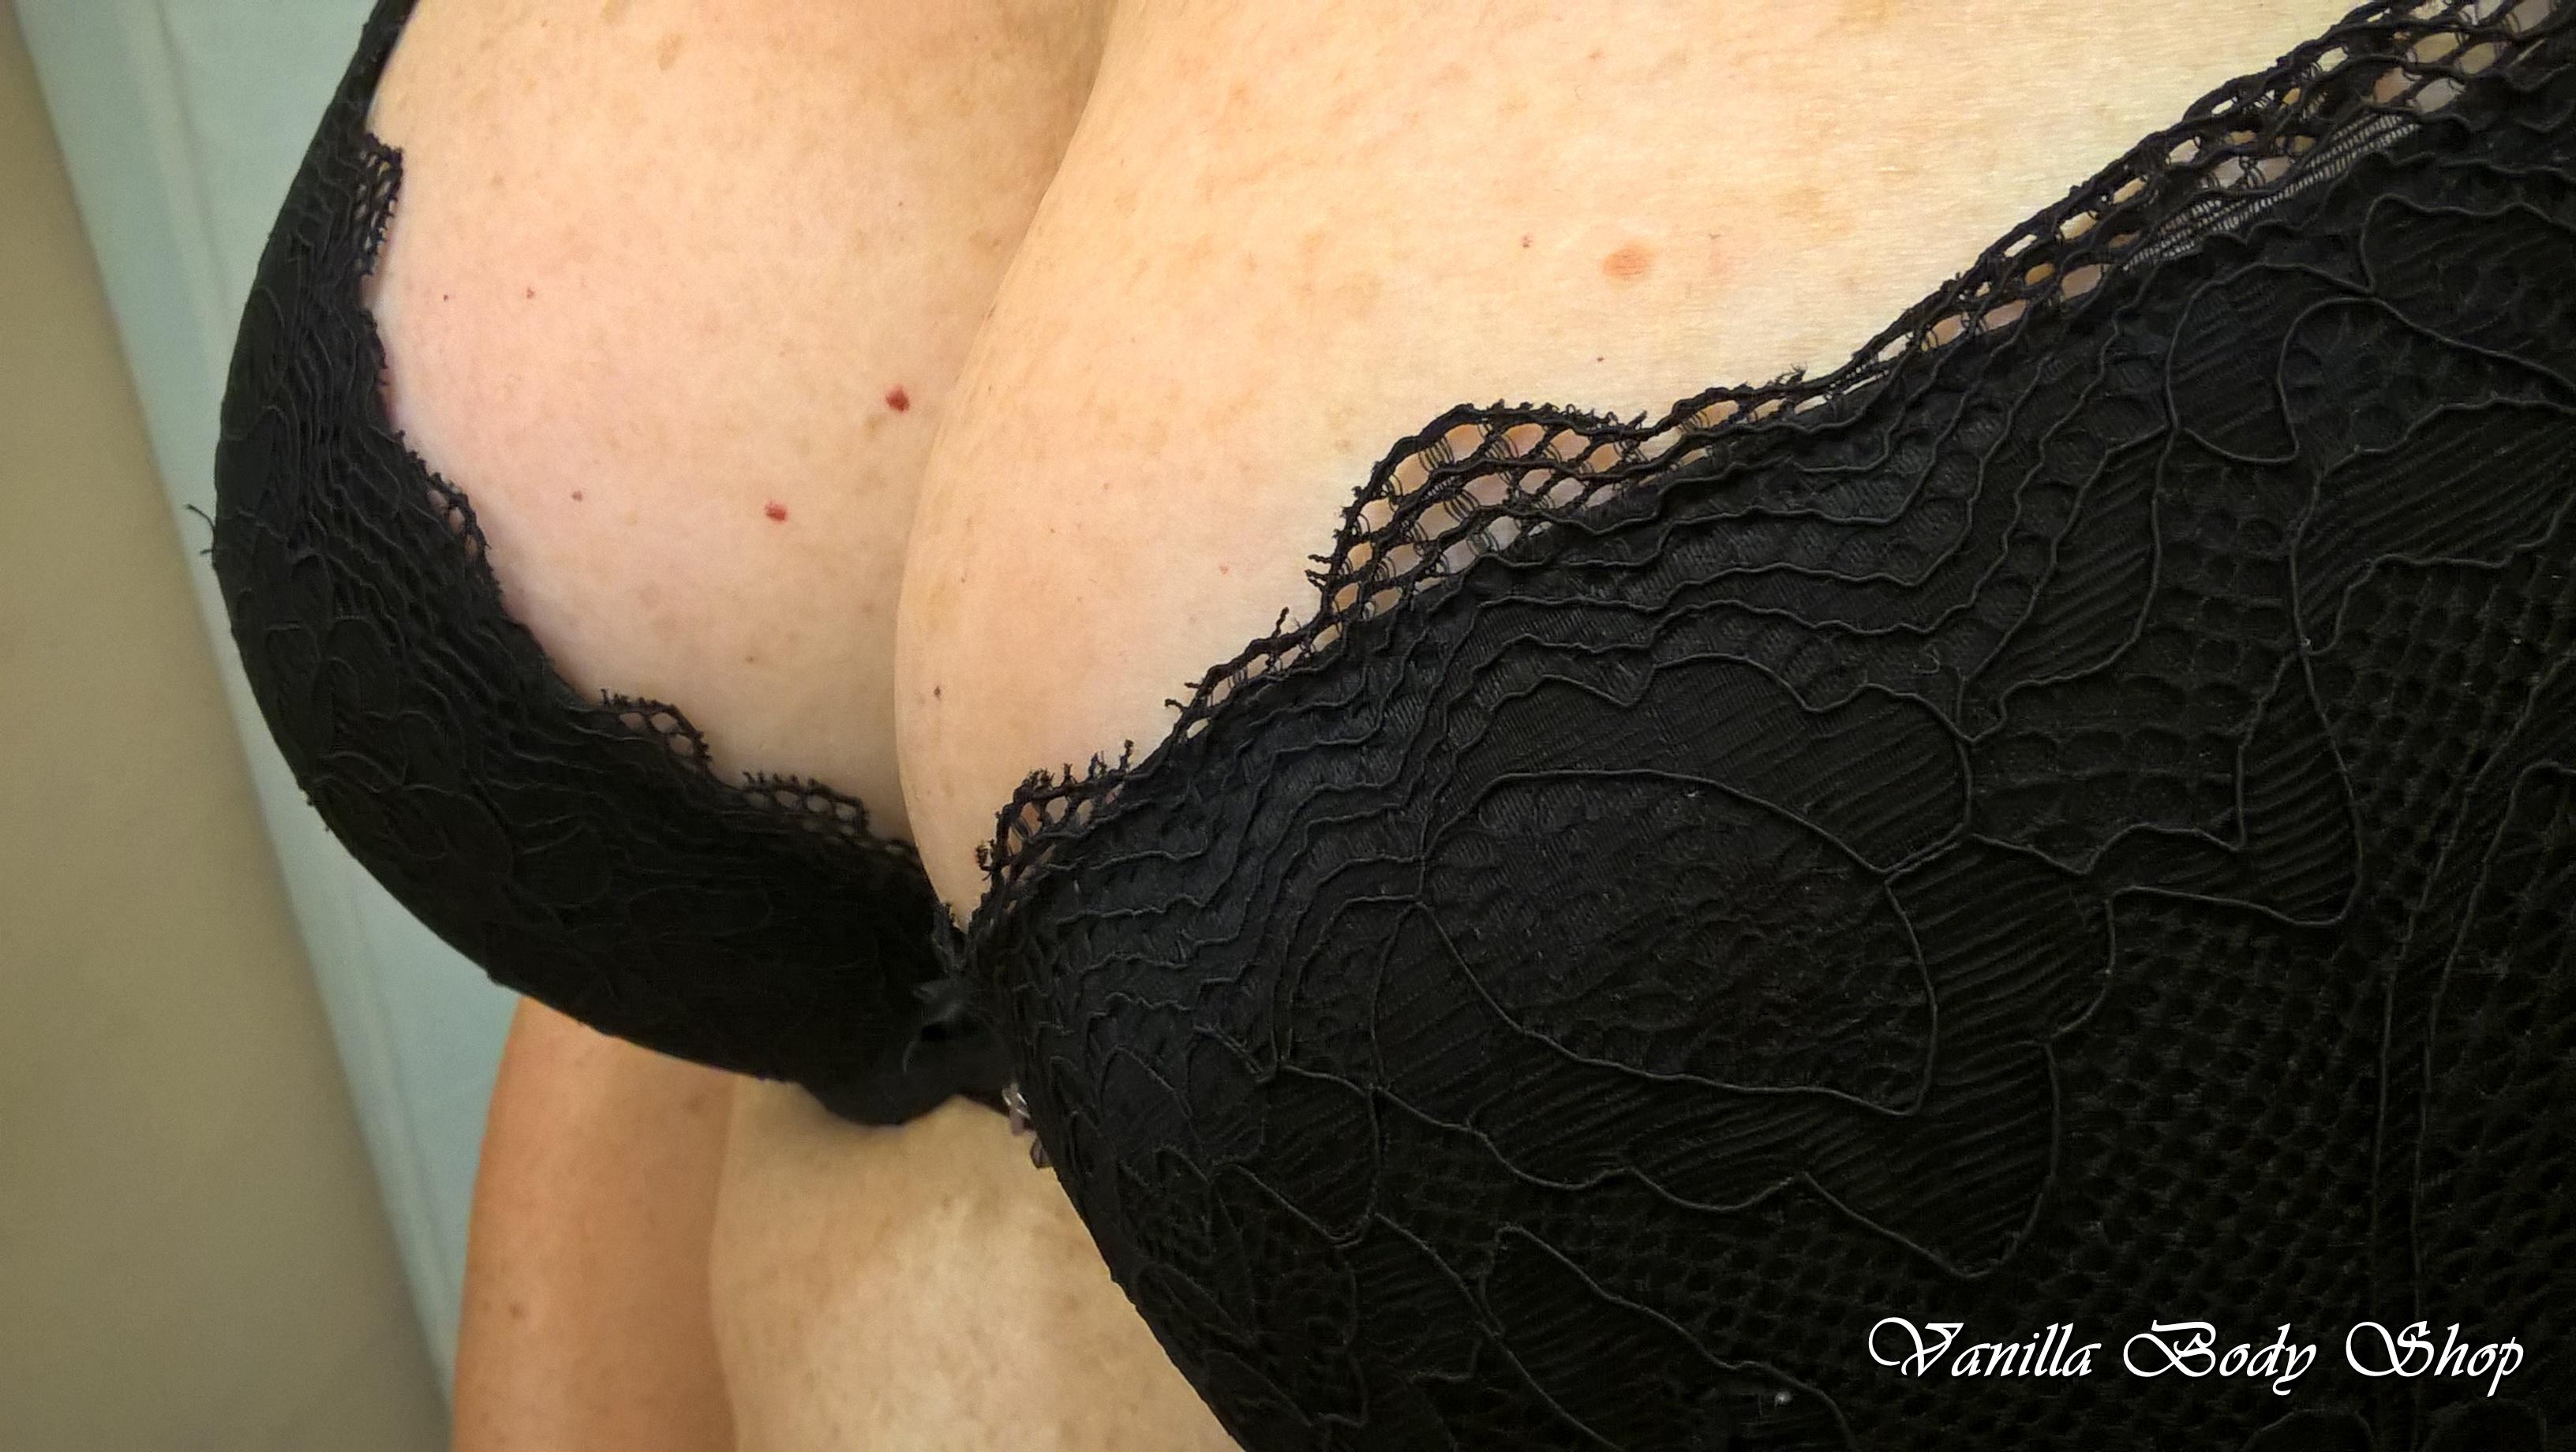 vanilla_body_shop_brafitting_bra-fitting_biustonosz_bielizna_brafitterki_stanikowa_metamorfoza_przed_po (1)